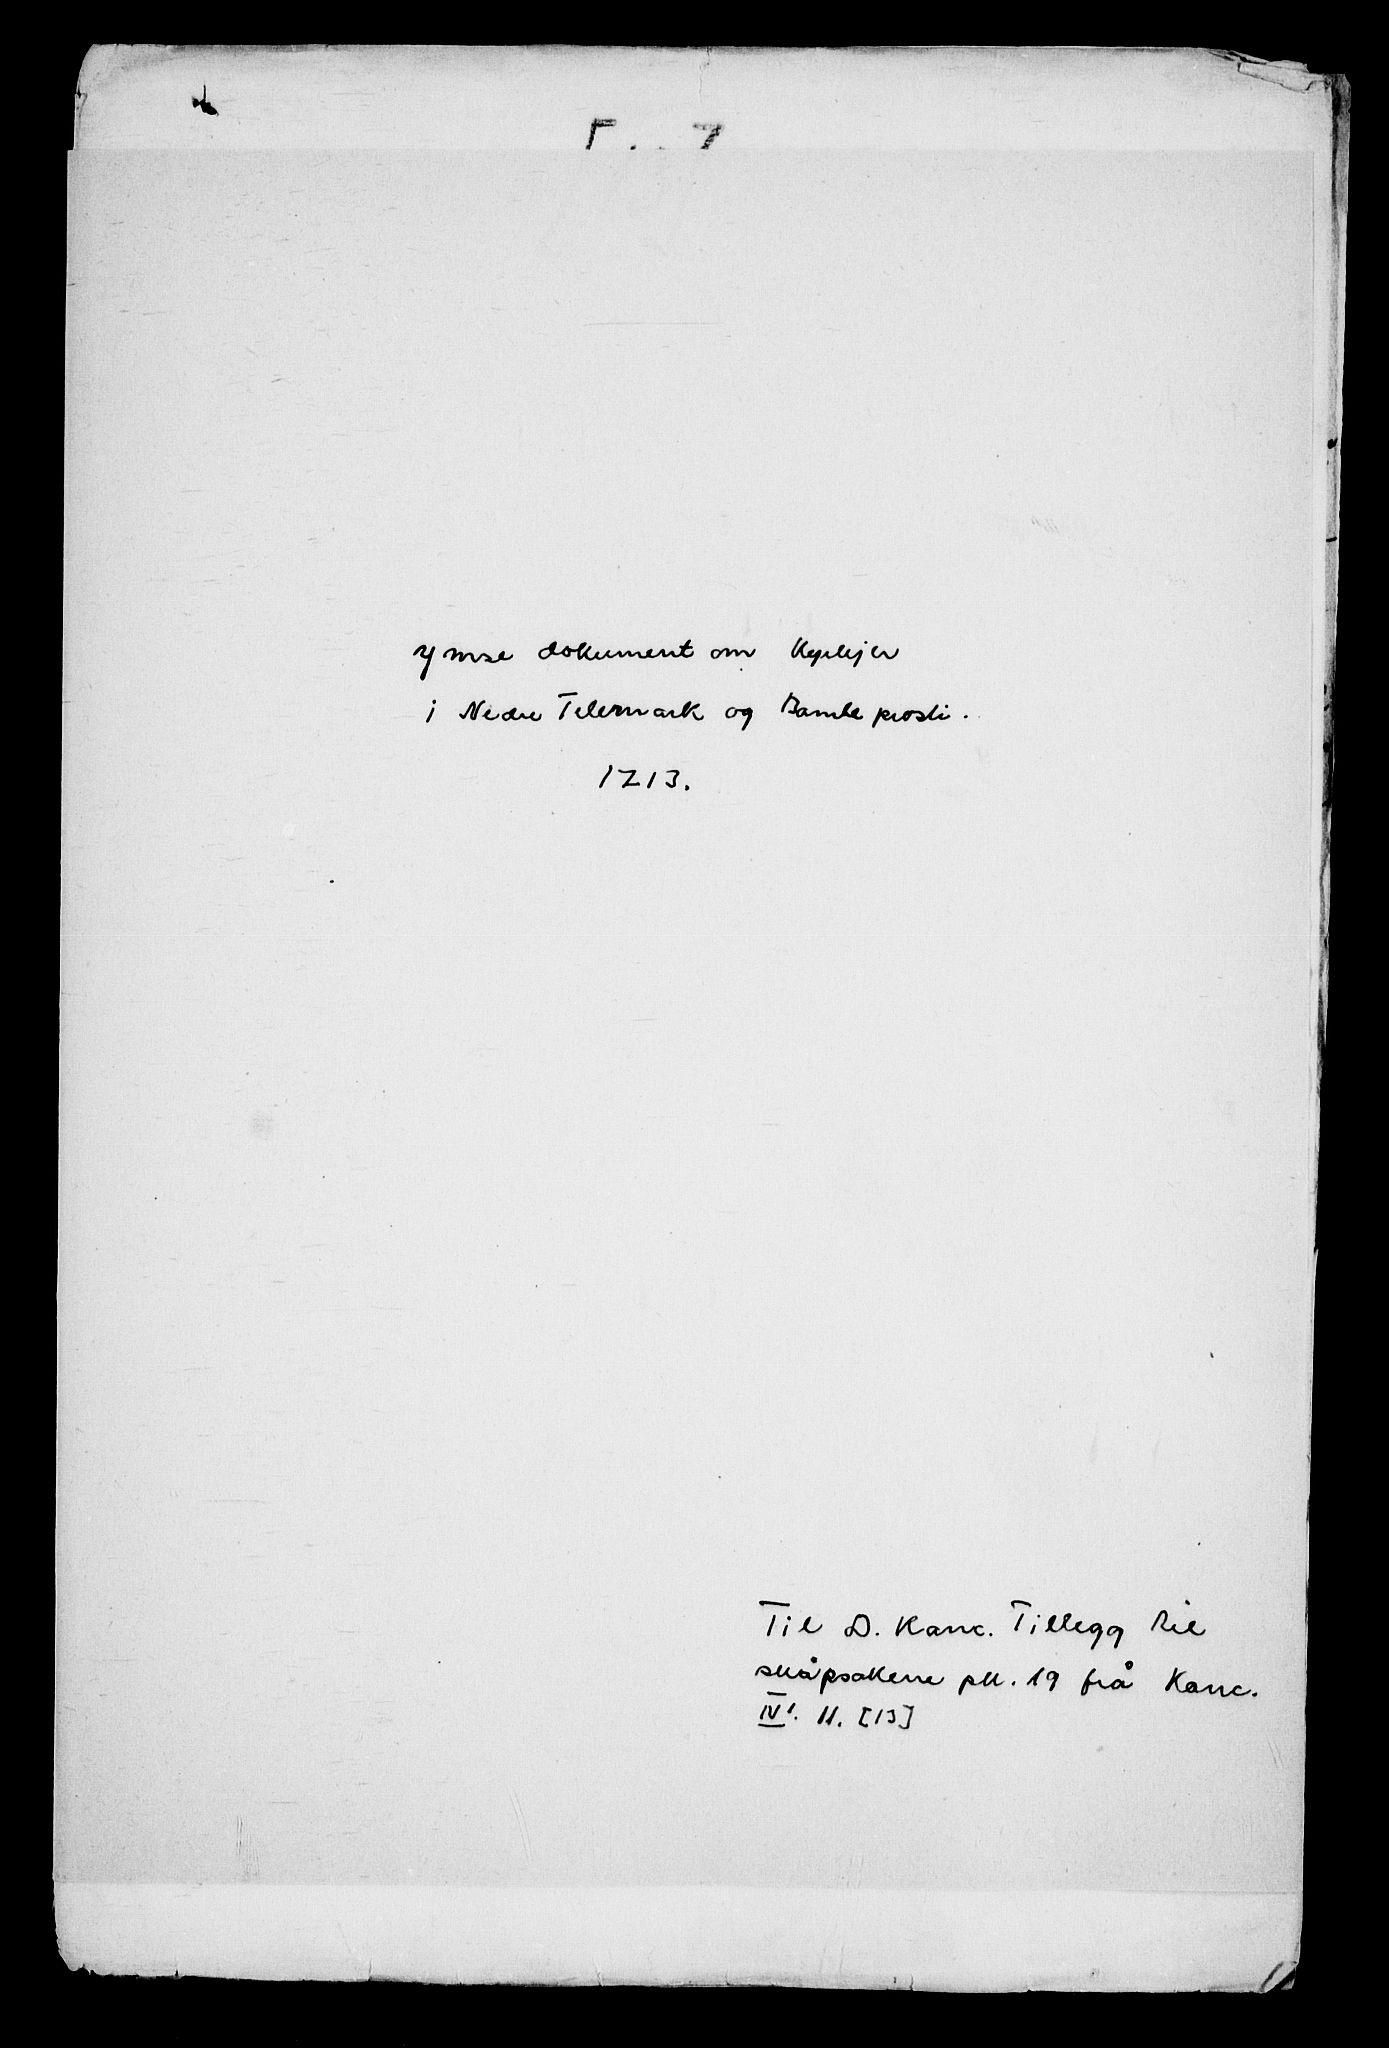 RA, Danske Kanselli, Skapsaker, G/L0019: Tillegg til skapsakene, 1616-1753, s. 382